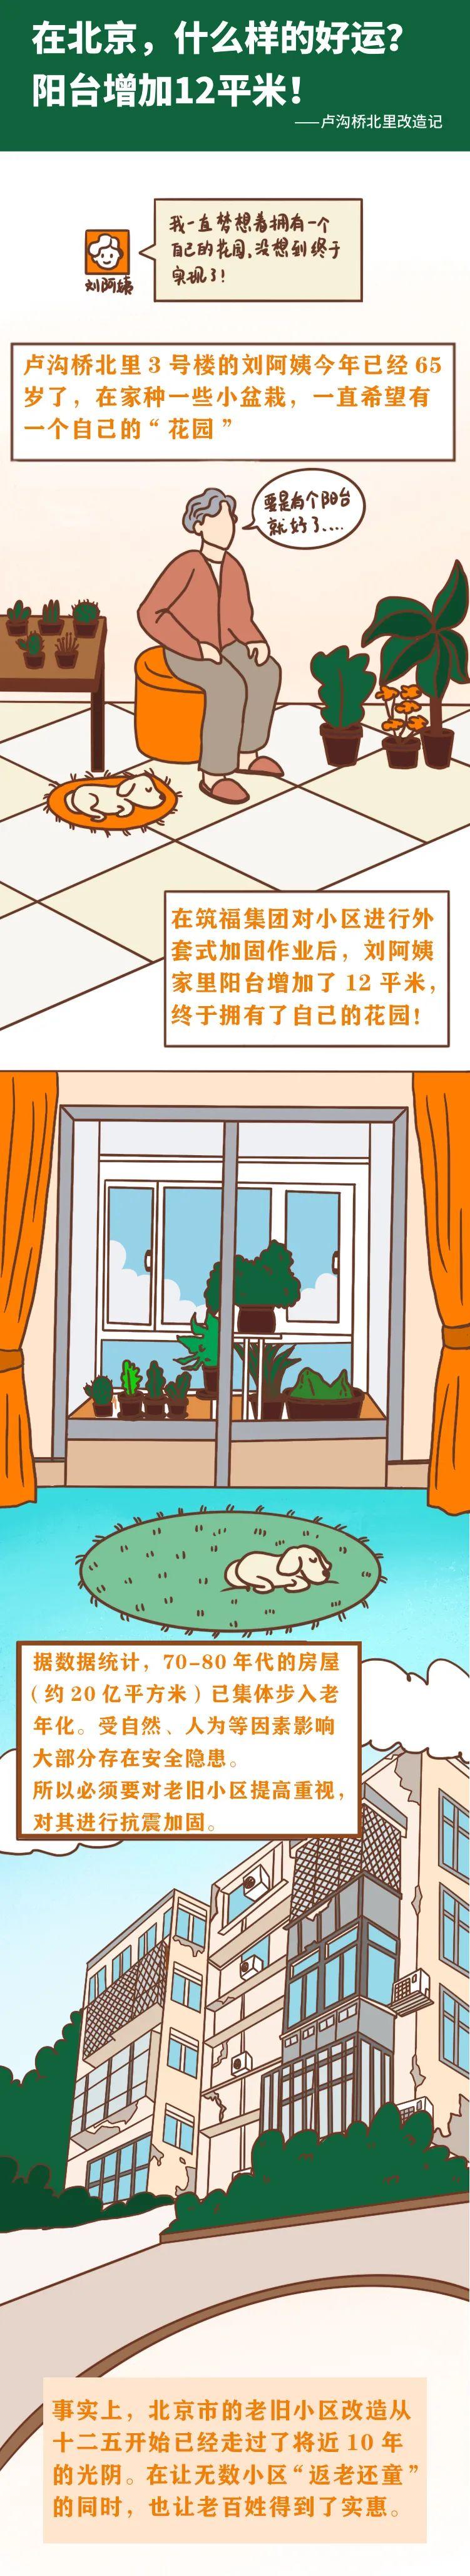 解密老旧房屋改造后,每户均增12平米的秘密!